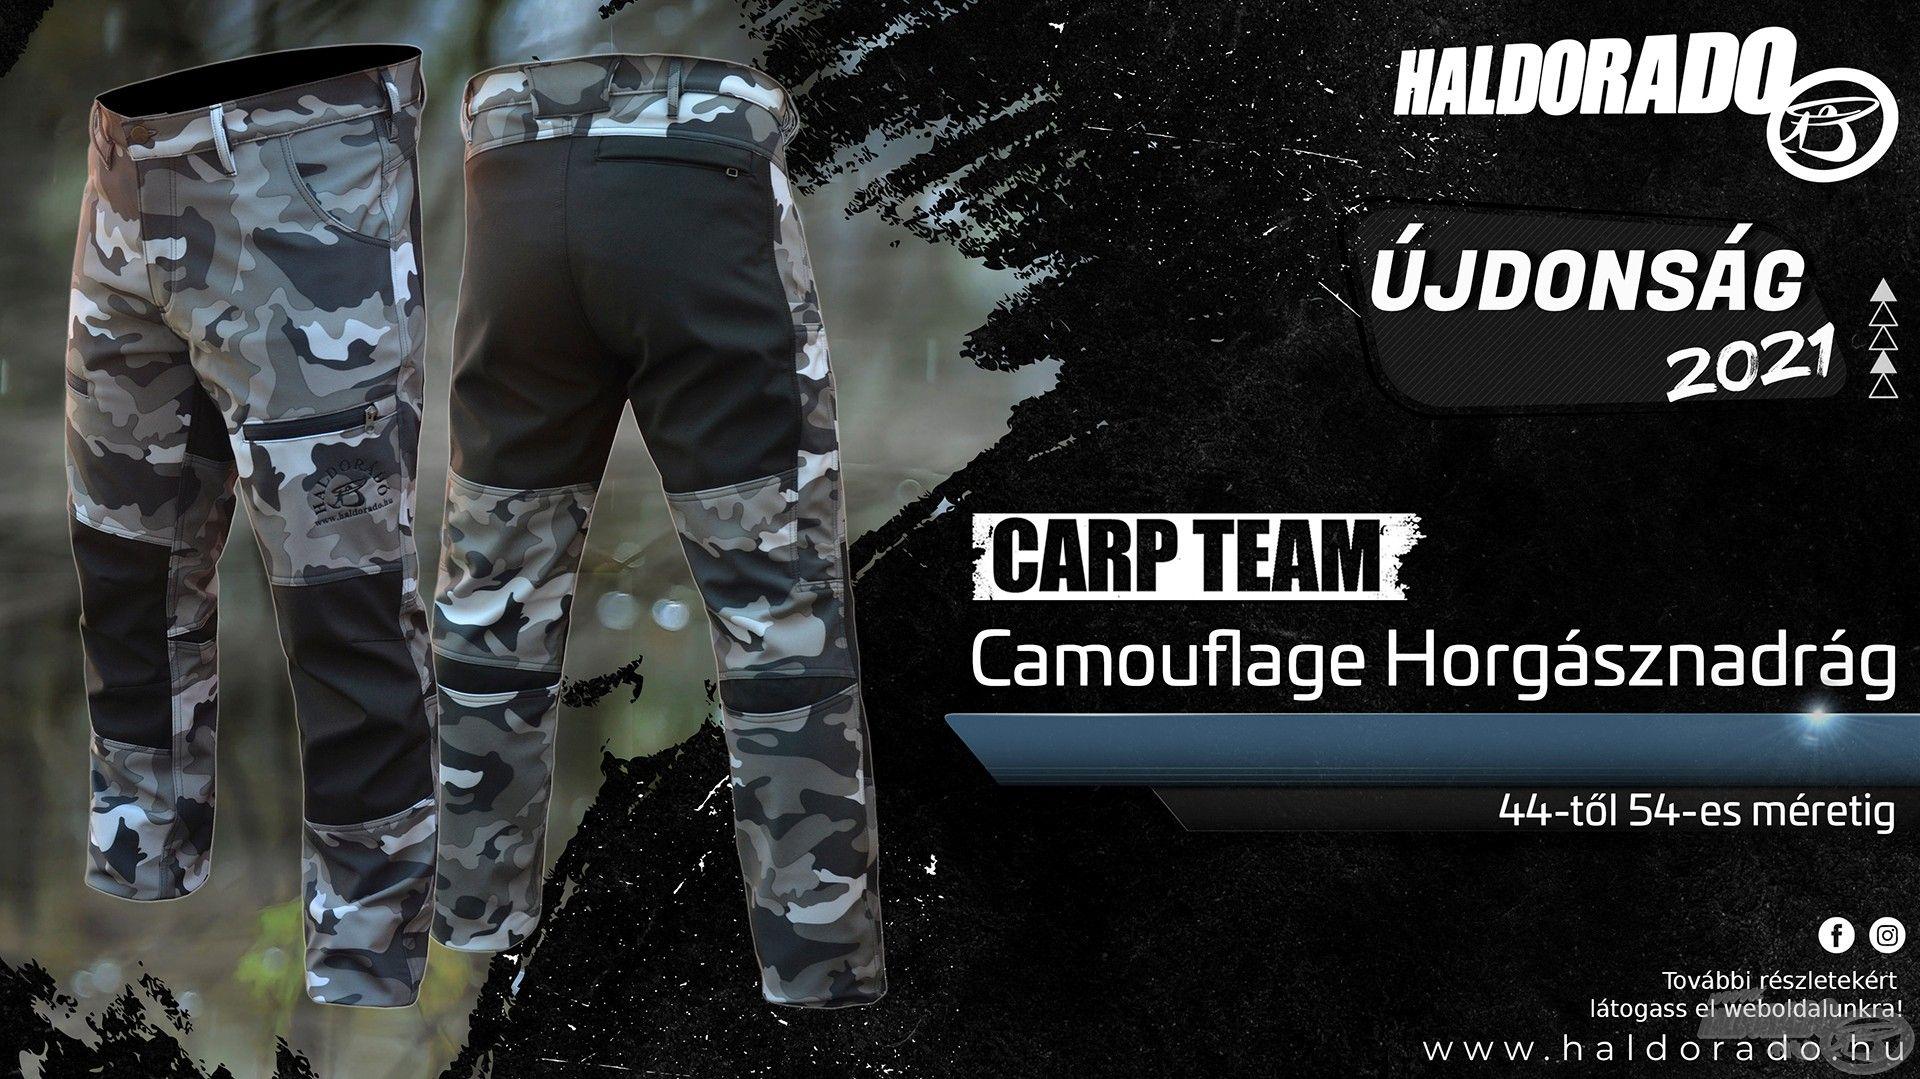 Tökéletes társ ehhez a Carp Team Camouflage Horgásznadrág